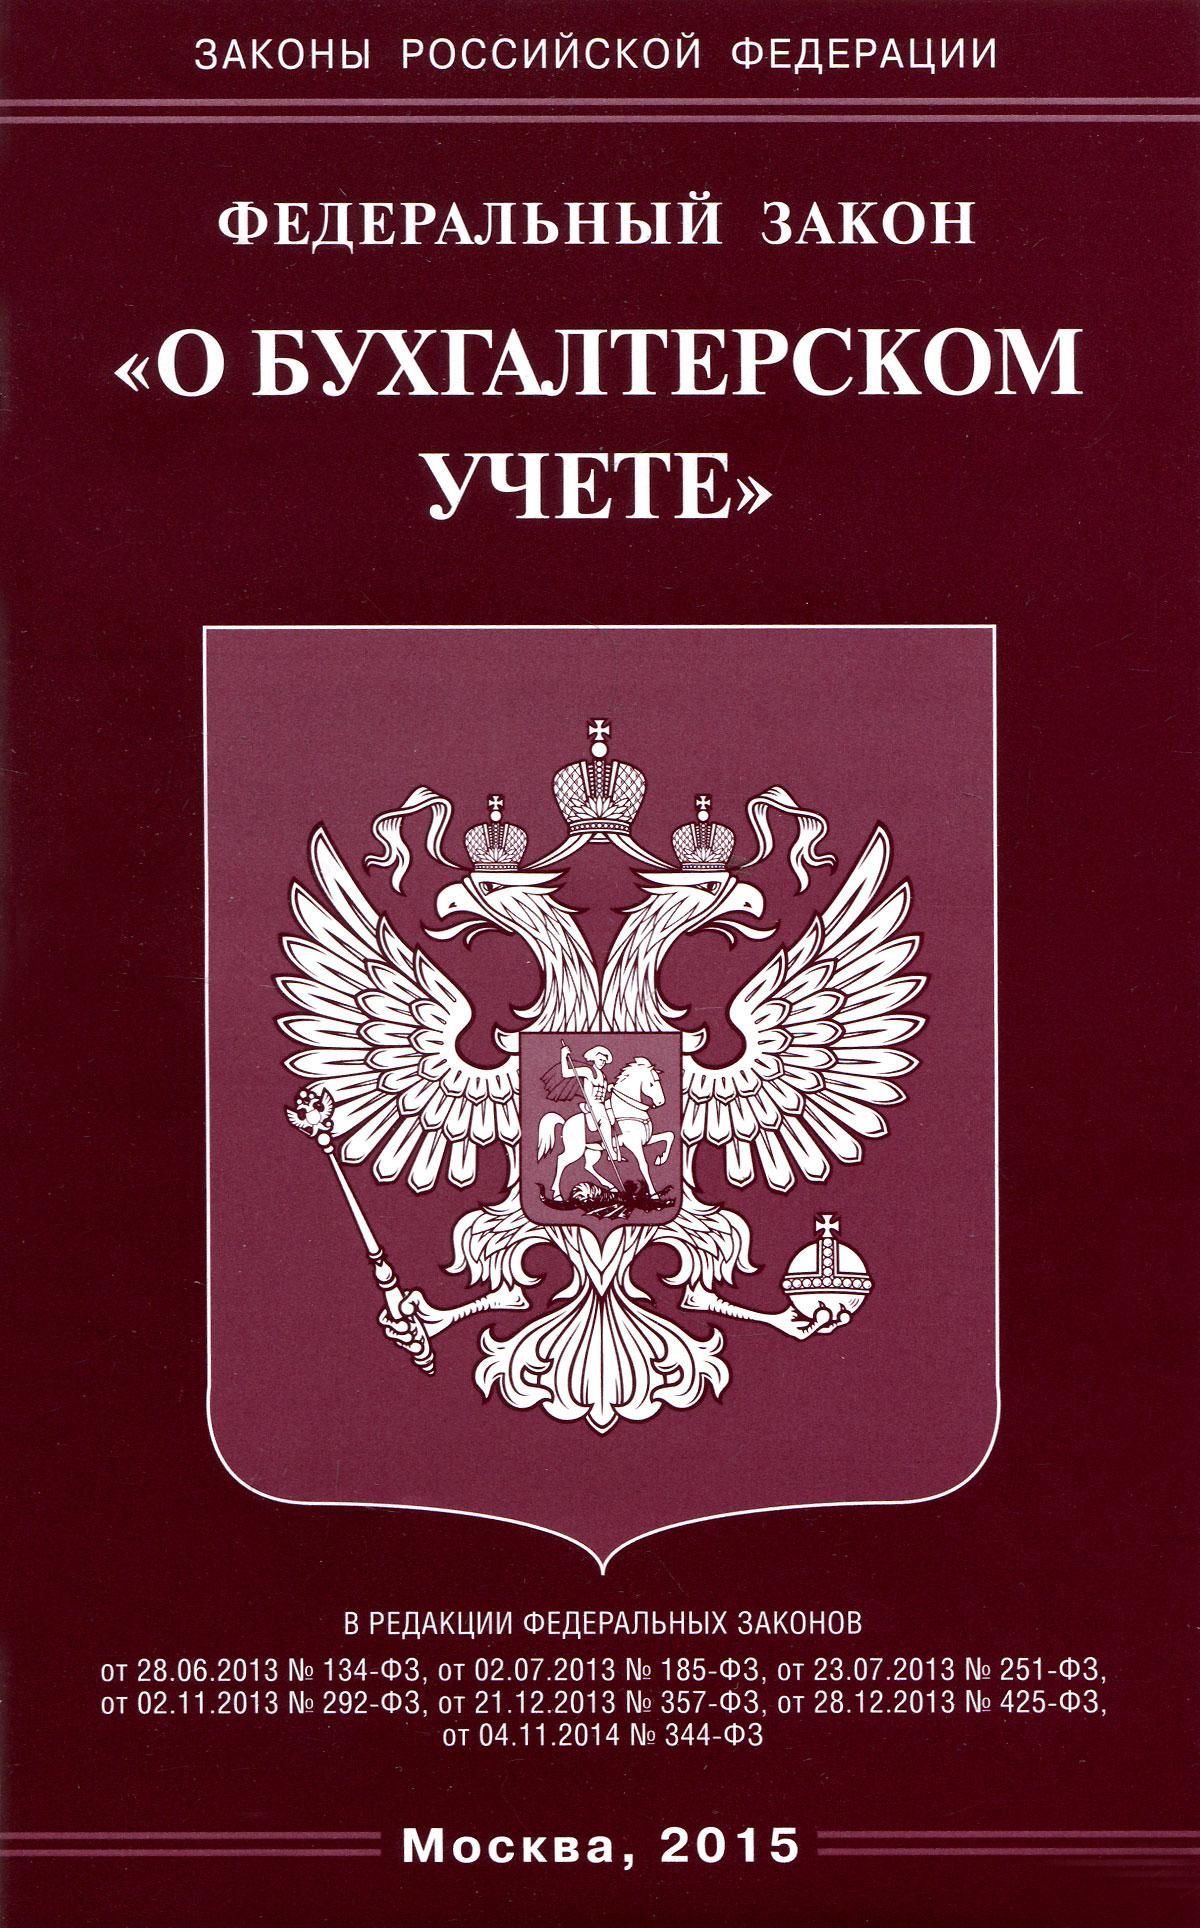 право российской федерации этого типа долихоцефальны